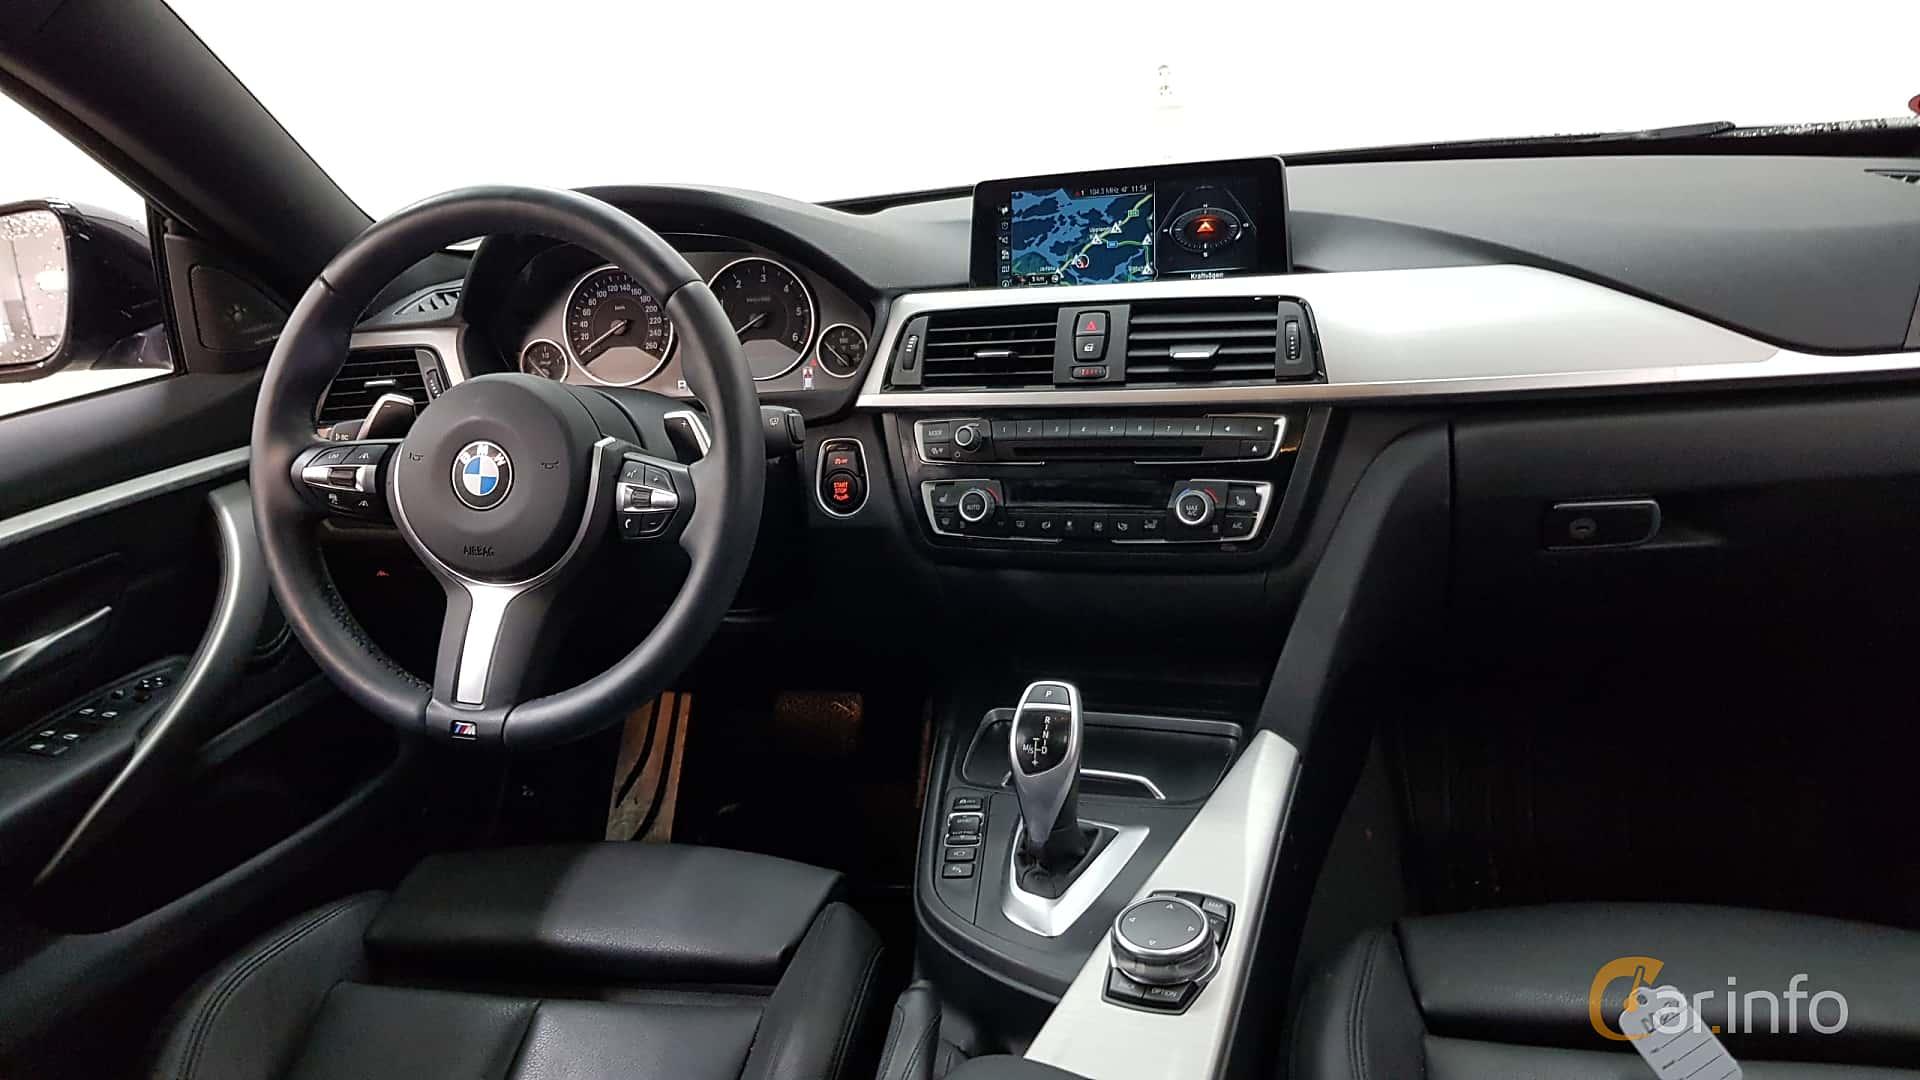 BMW 420d XDrive Gran Coupe 20 Steptronic 190hp 2017